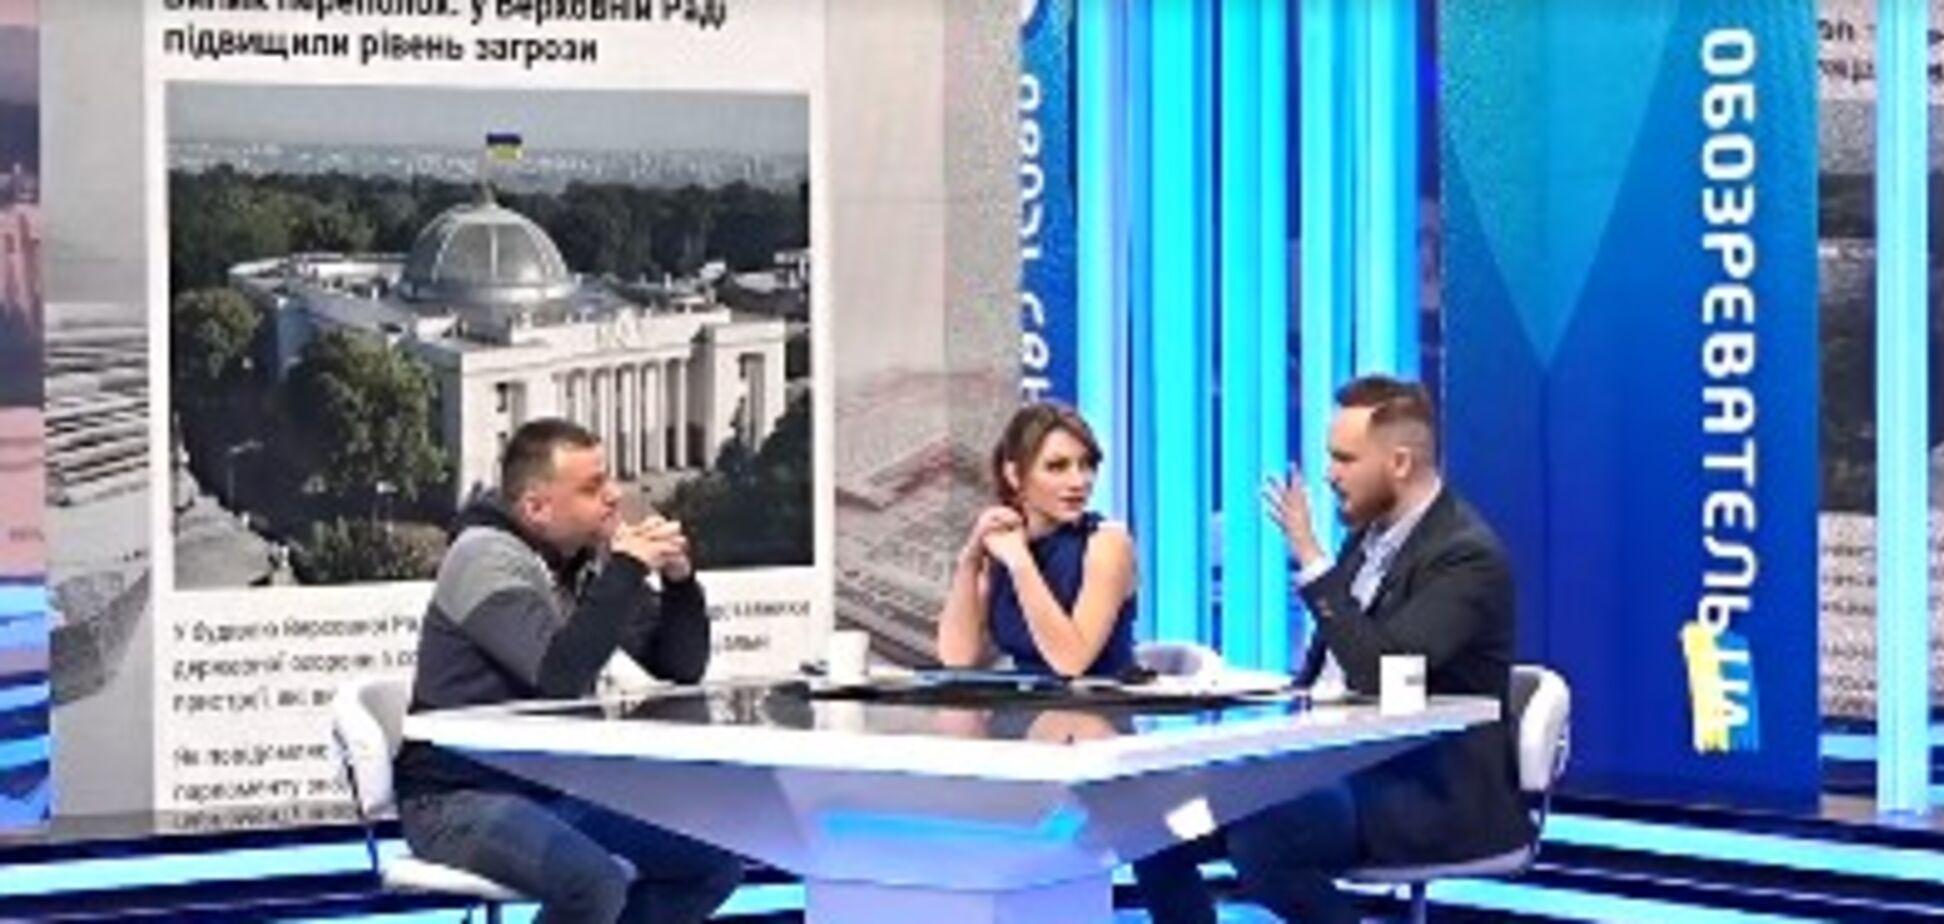 500 убитых на 20 грамм: эксперт разложил маршрут попадания яда из России в Украину